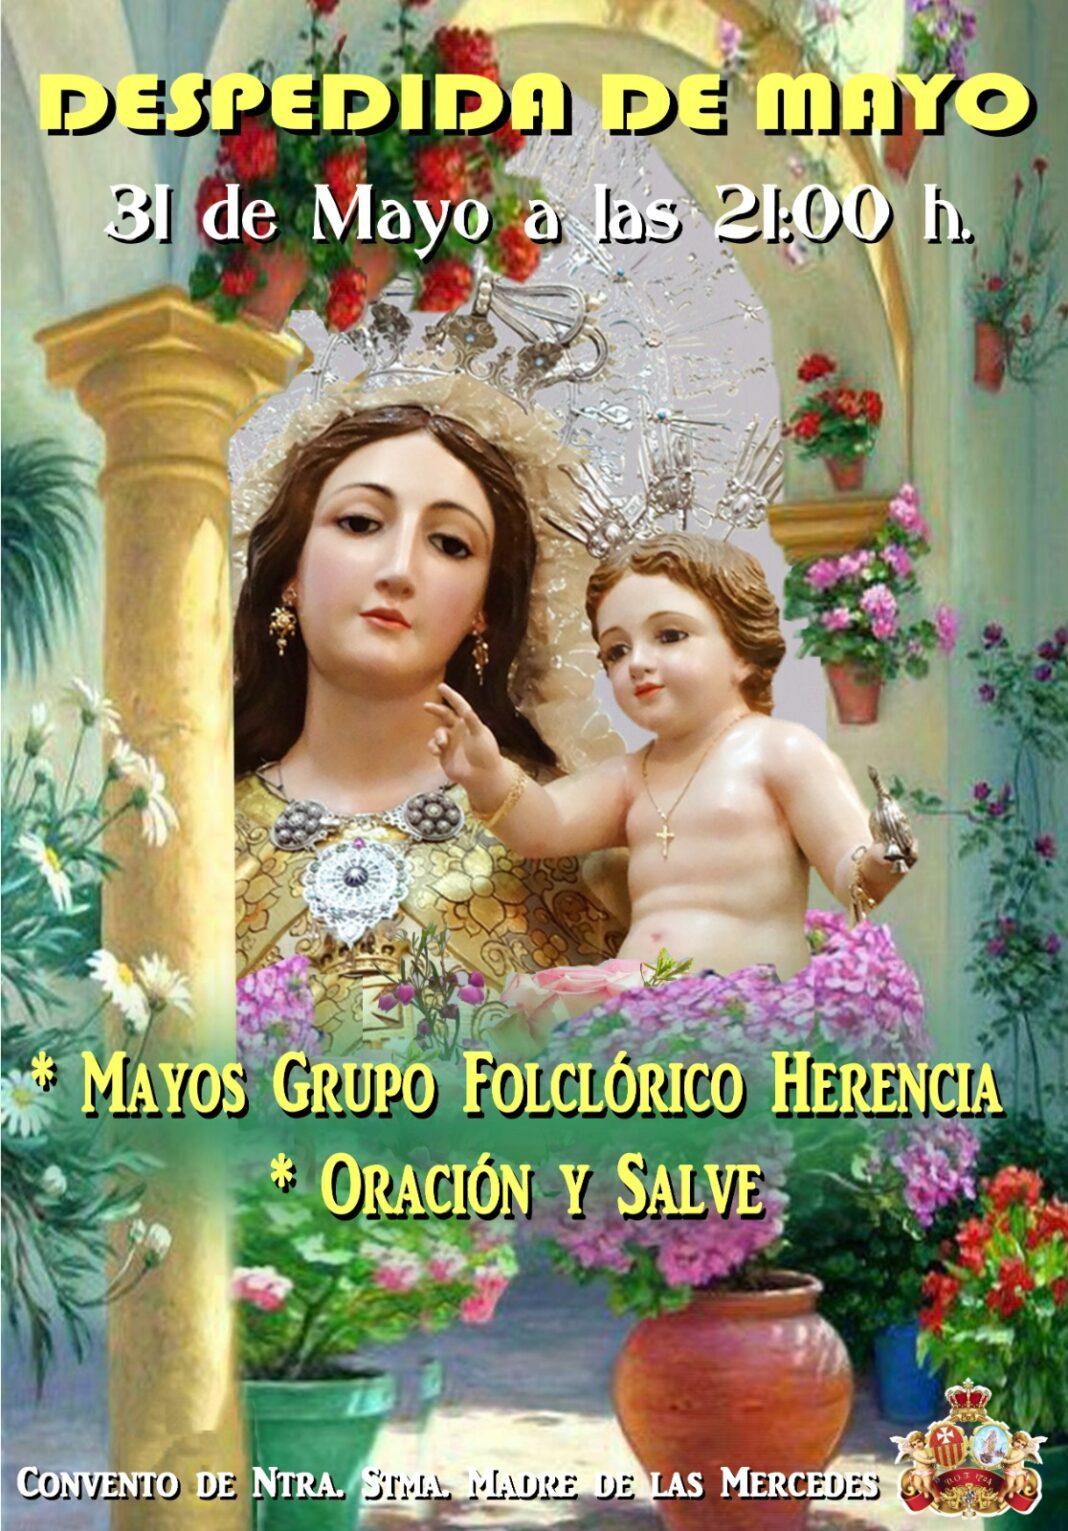 Despedida del mes de mayo en el convento de La MErced 1068x1531 - El convento de la Merced despedirá el mes de mayo con el canto de los mayos